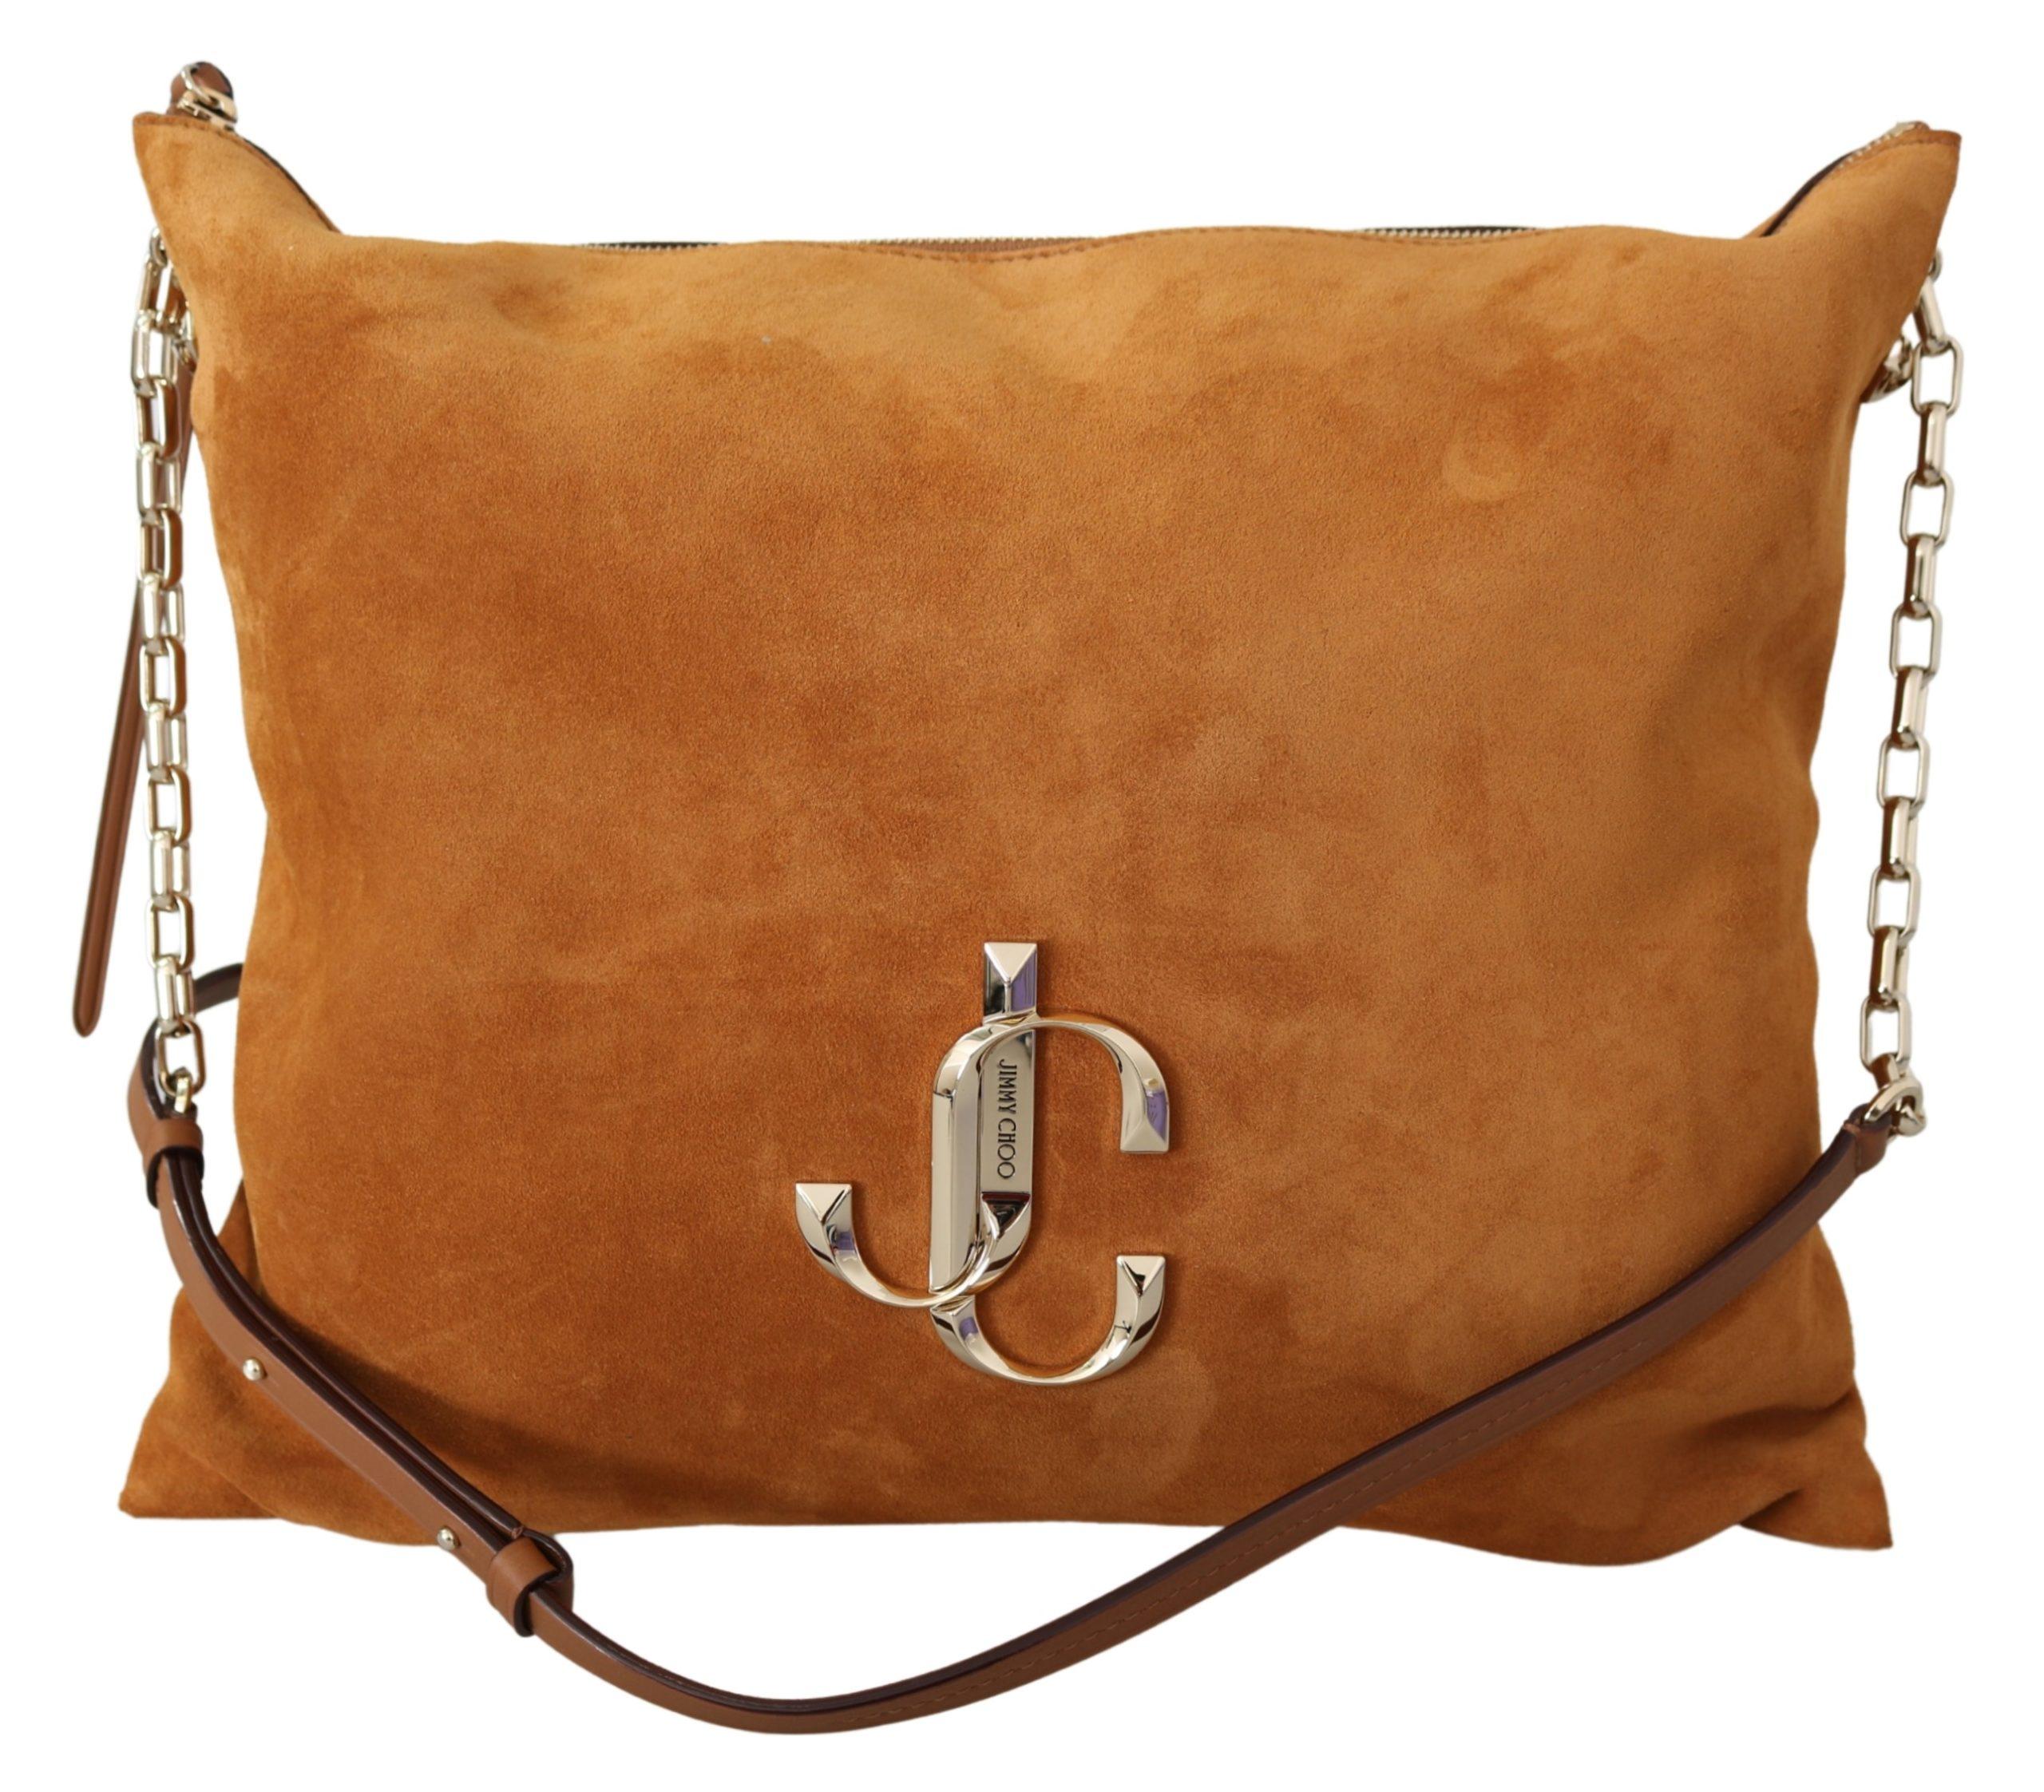 Jimmy Choo Women's Varenne Cuoio Shoulder Bag Brown 1436268